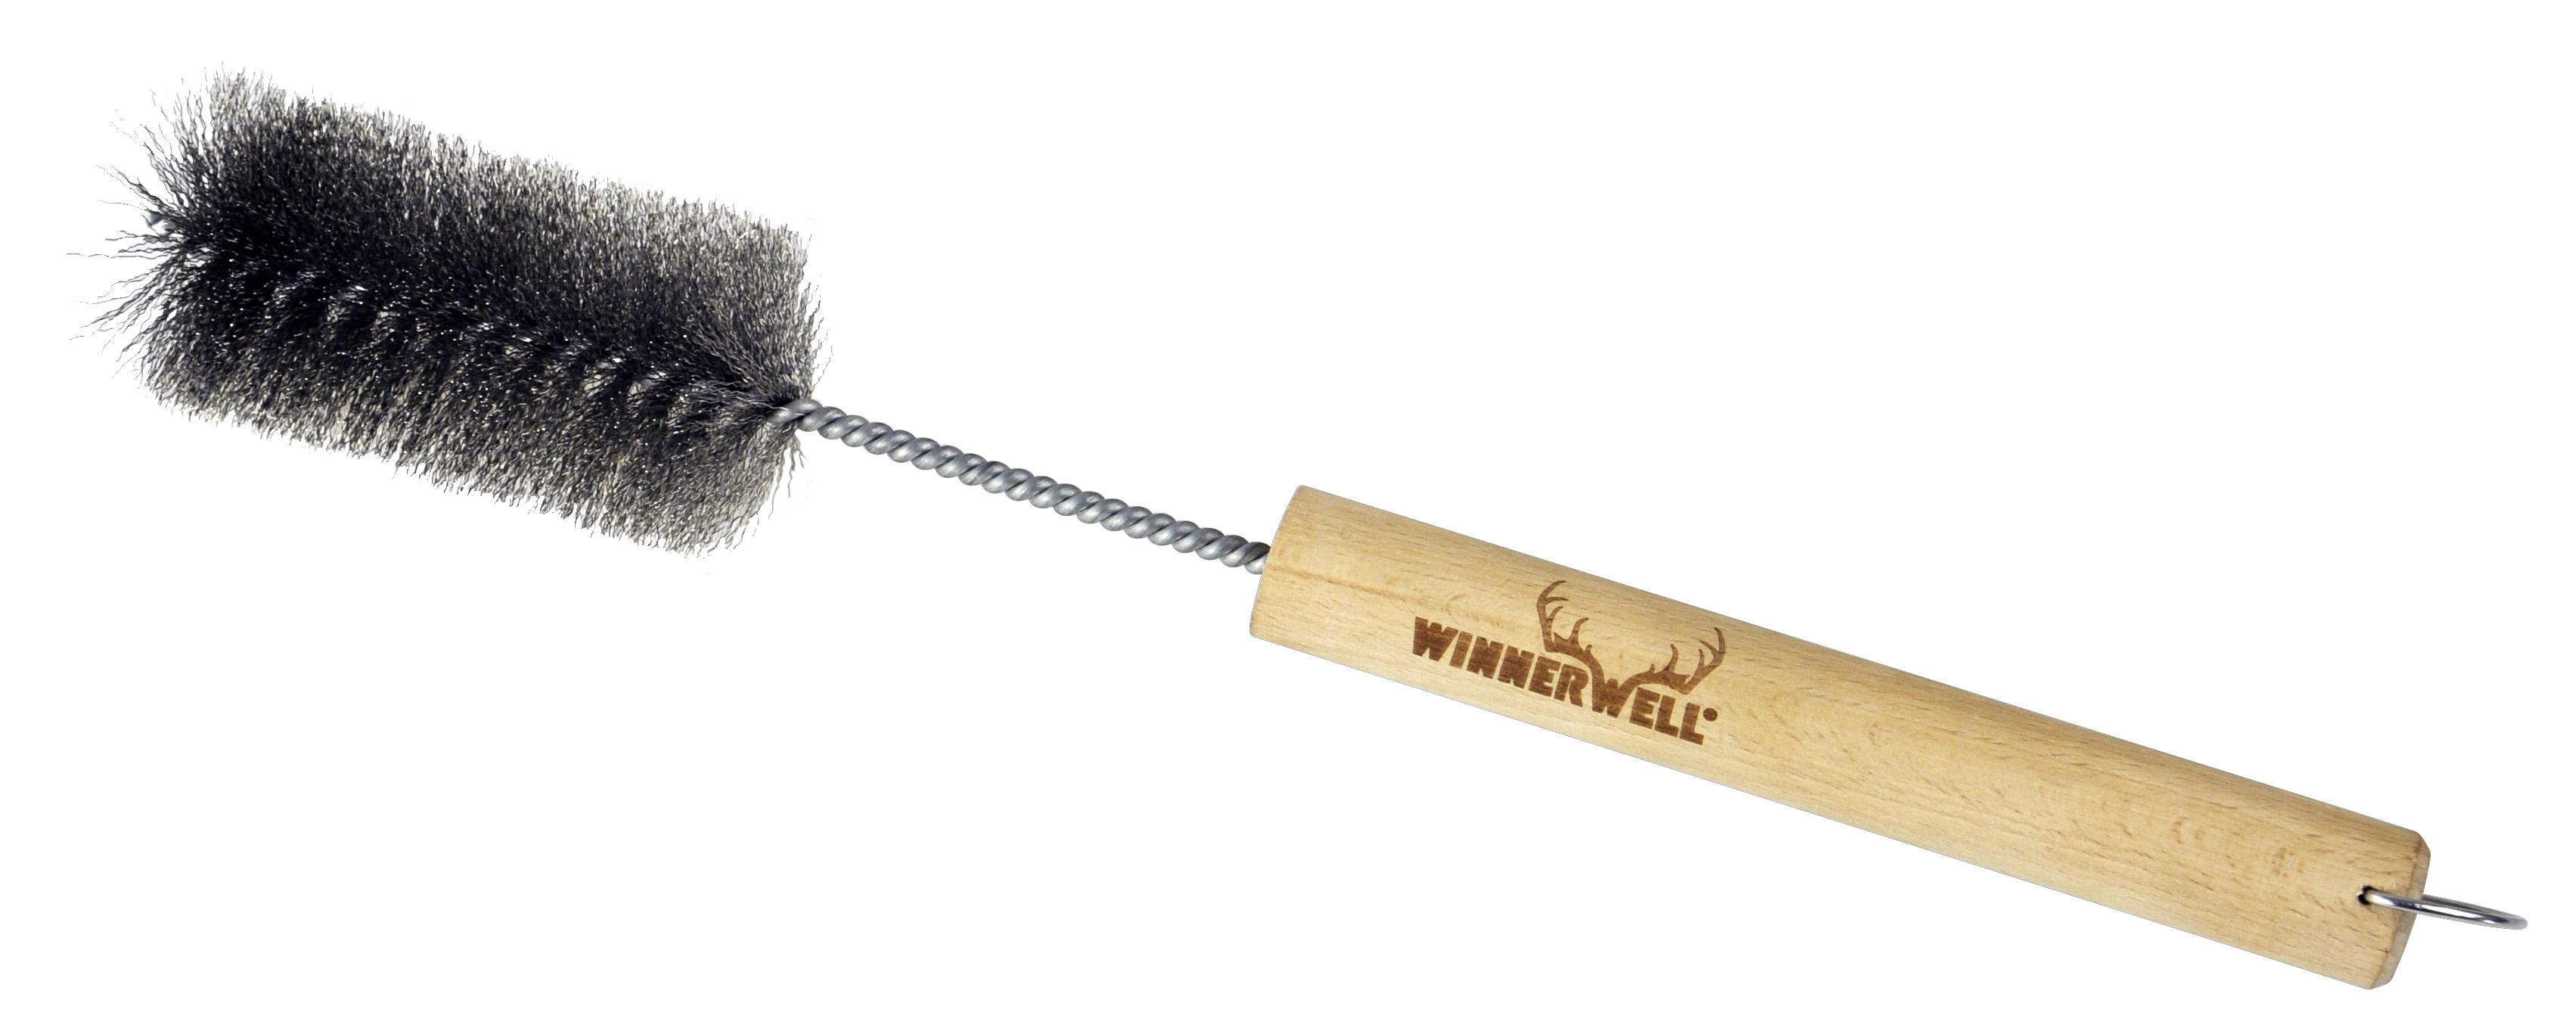 Winnerwell Woodlander L Kamin Esker Outfitters